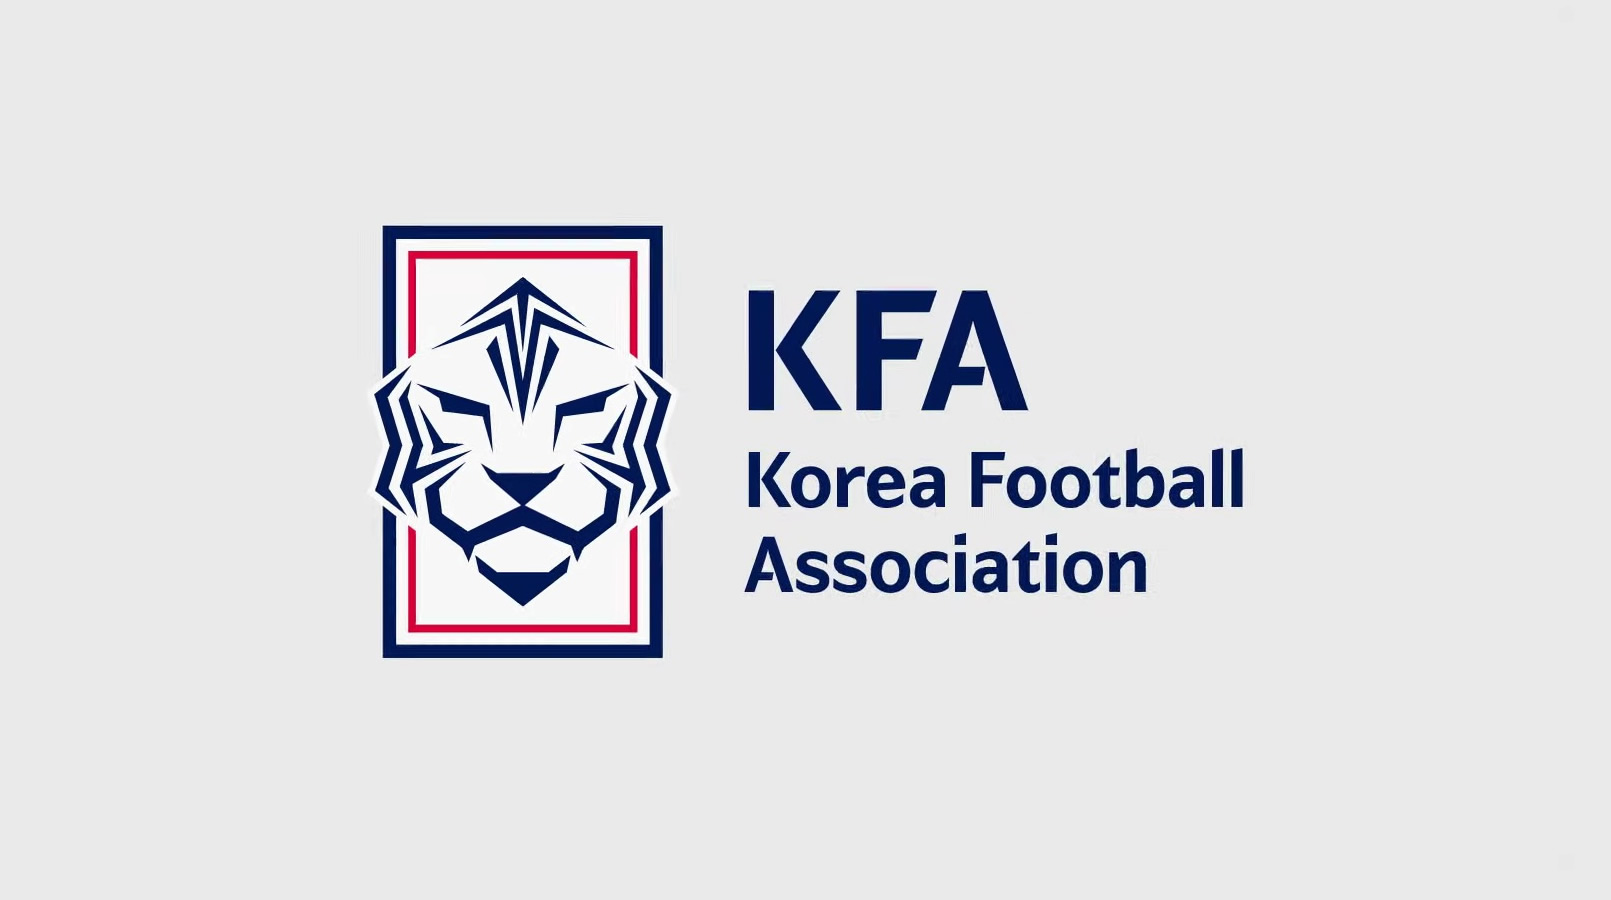 Nueva identidad de la federación de Corea del Sur | Imagen KFA